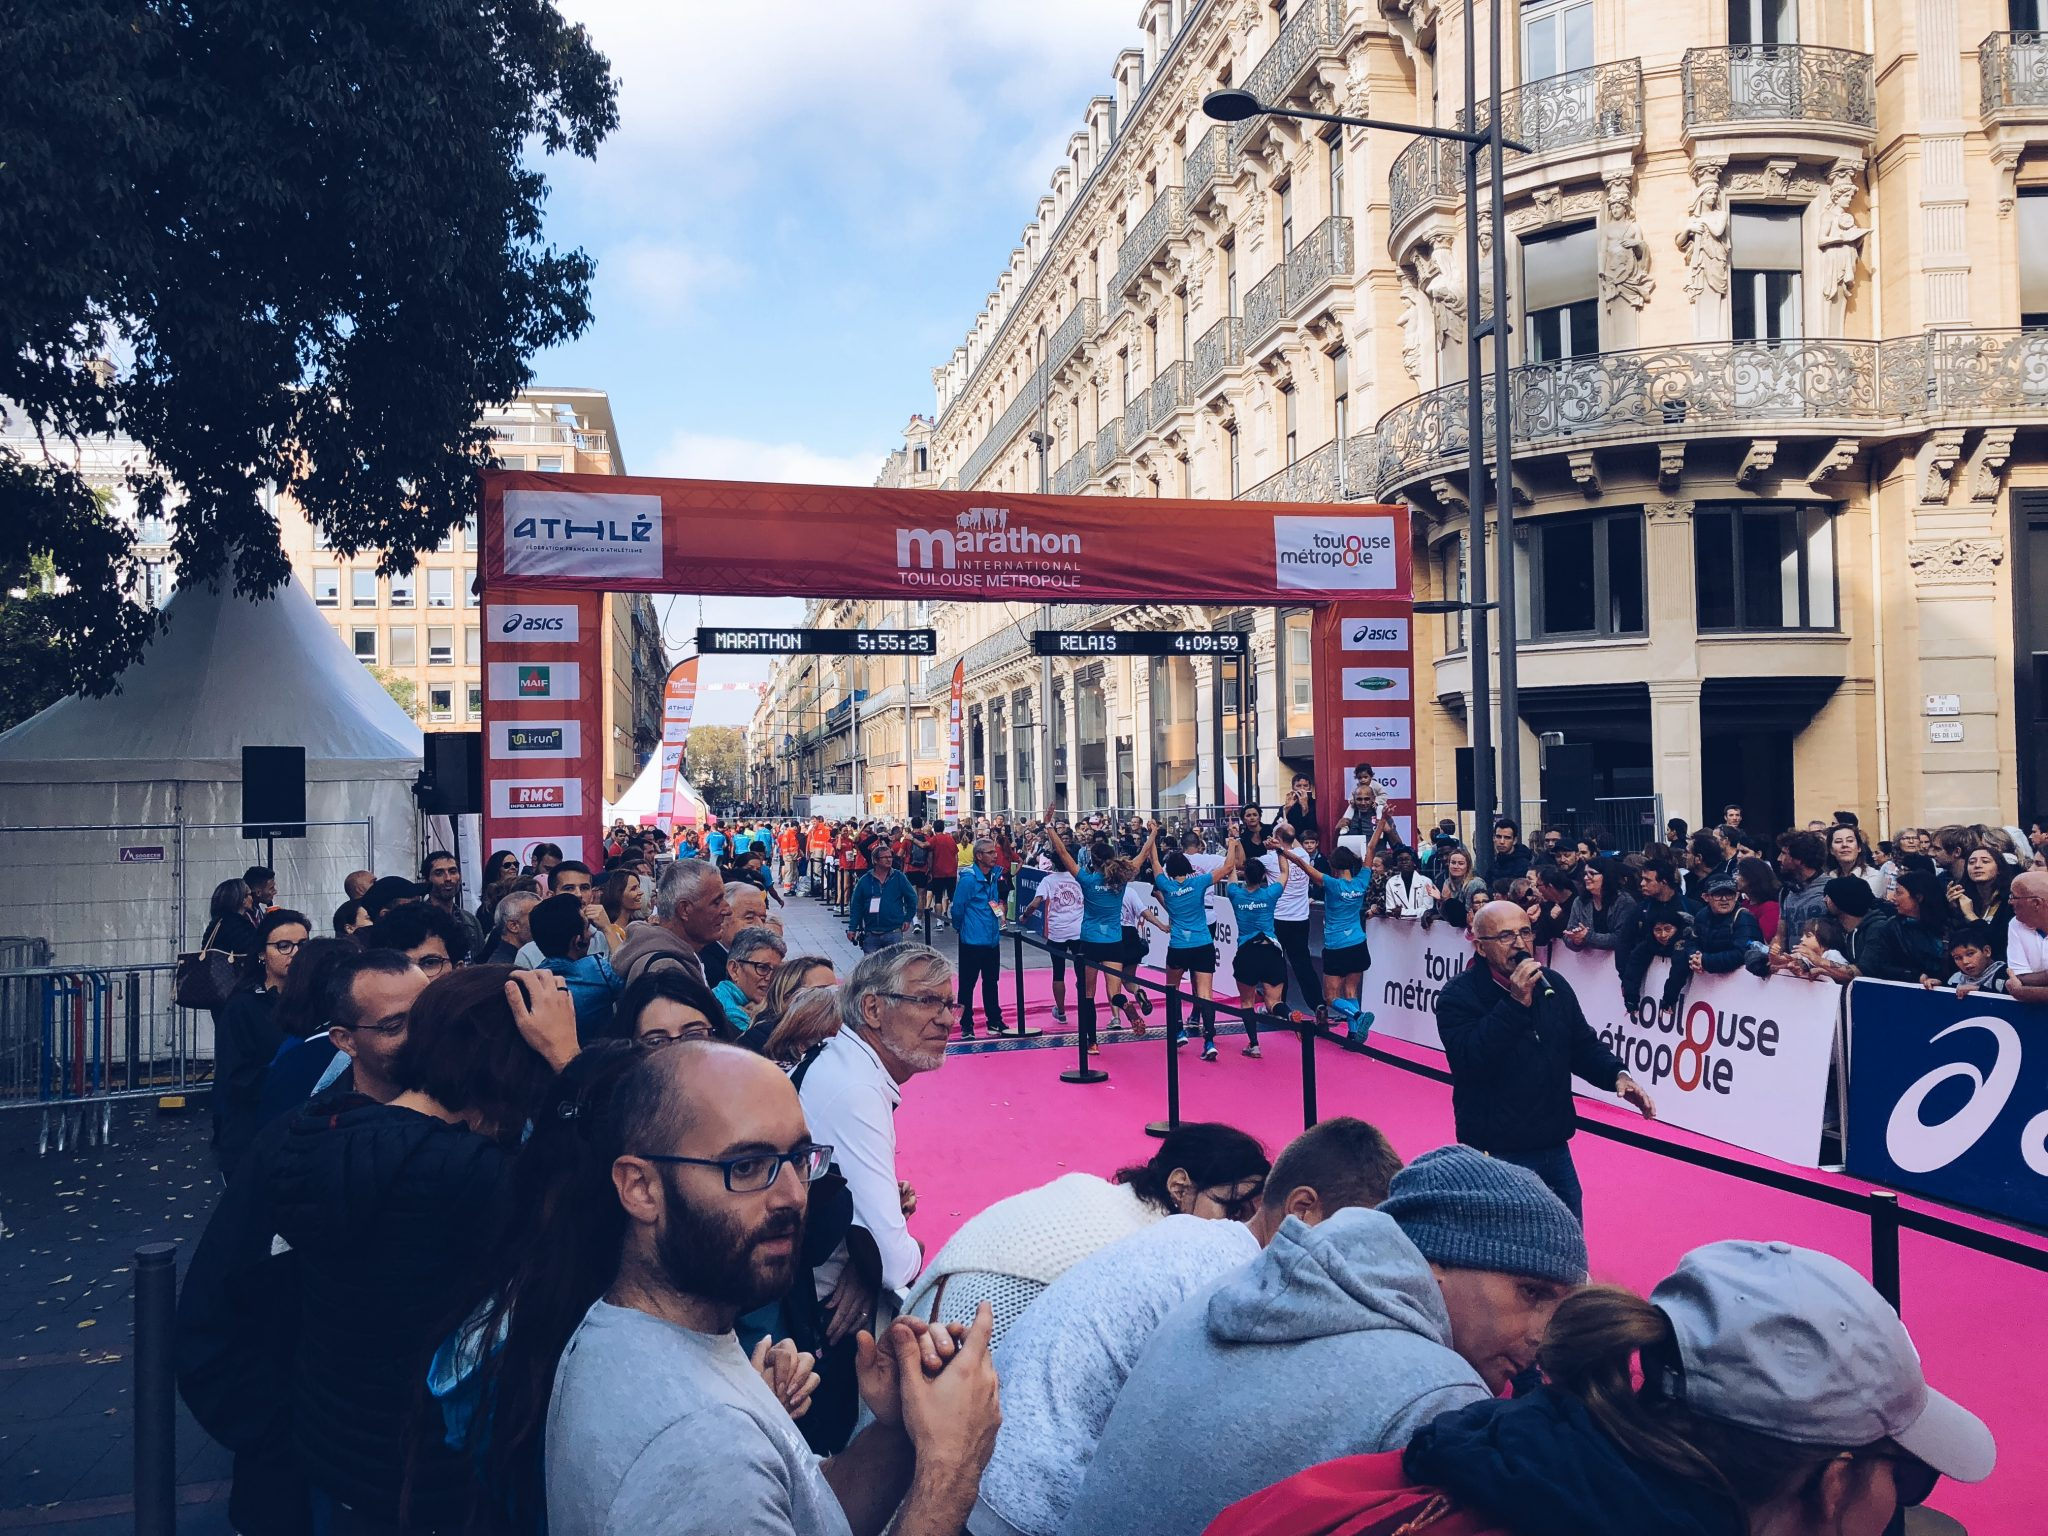 Arrivo di un gruppo di ragazze della Maratona a staffetta di Tolosa - Tolosa: 3 modi di vedere la città - tatianaberlaffa.com